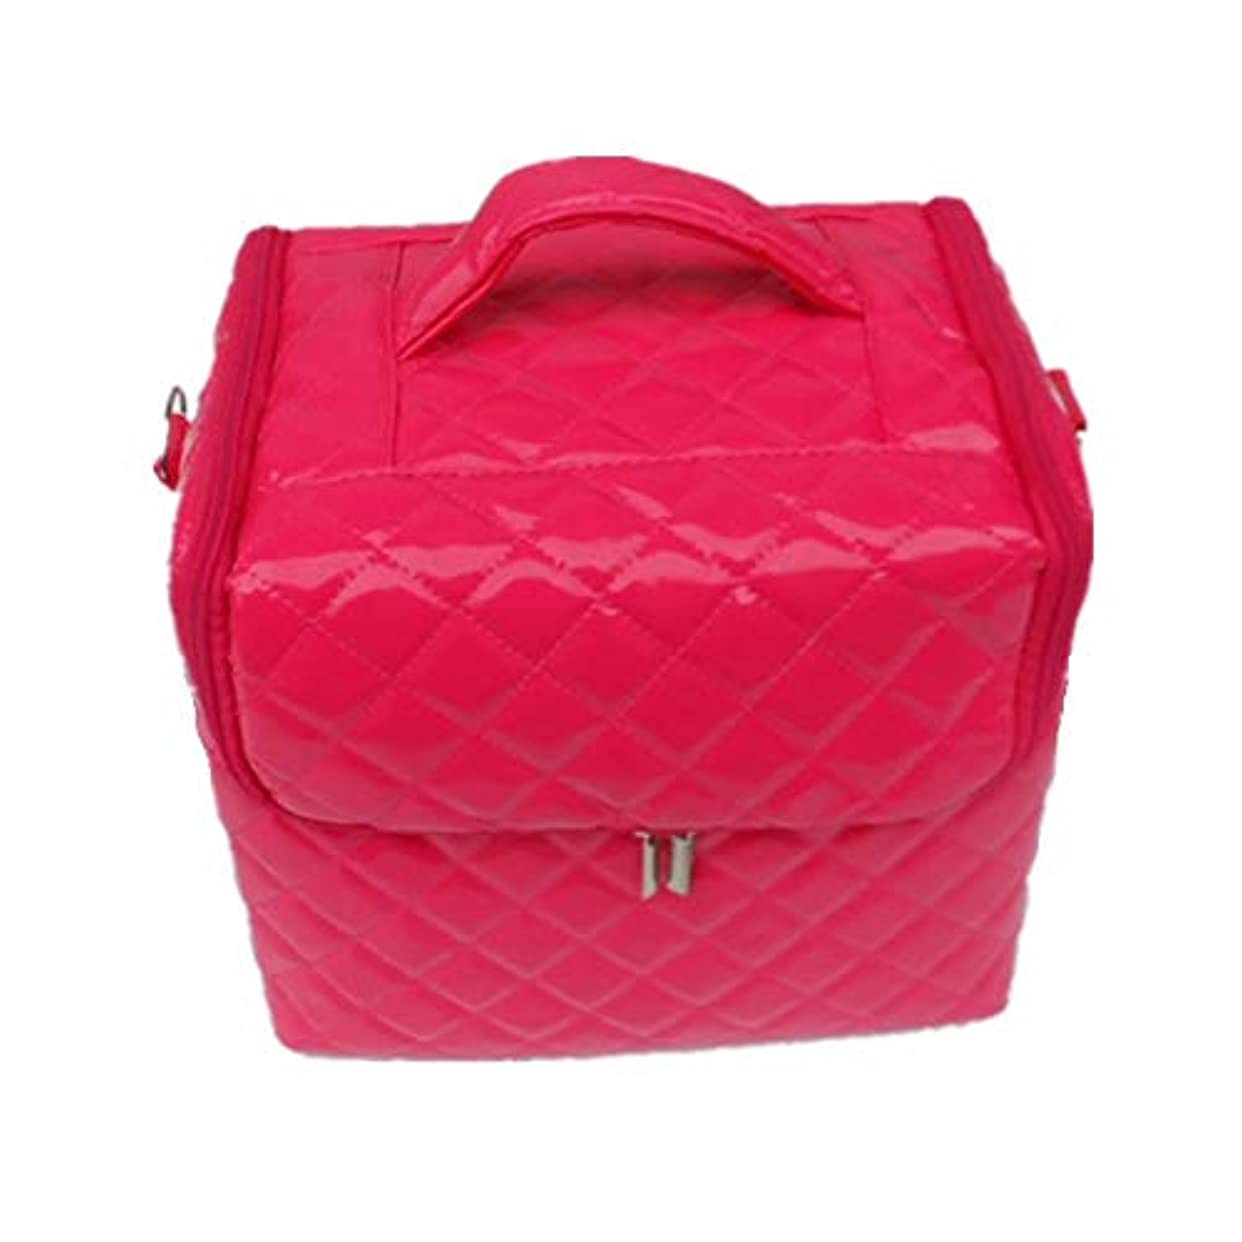 カセットただやるピアース化粧オーガナイザーバッグ 美容メイクアップのための大容量ポータブル化粧品バッグと女性の女性の旅行とジッパーと折り畳みトレイで毎日のストレージ用 化粧品ケース